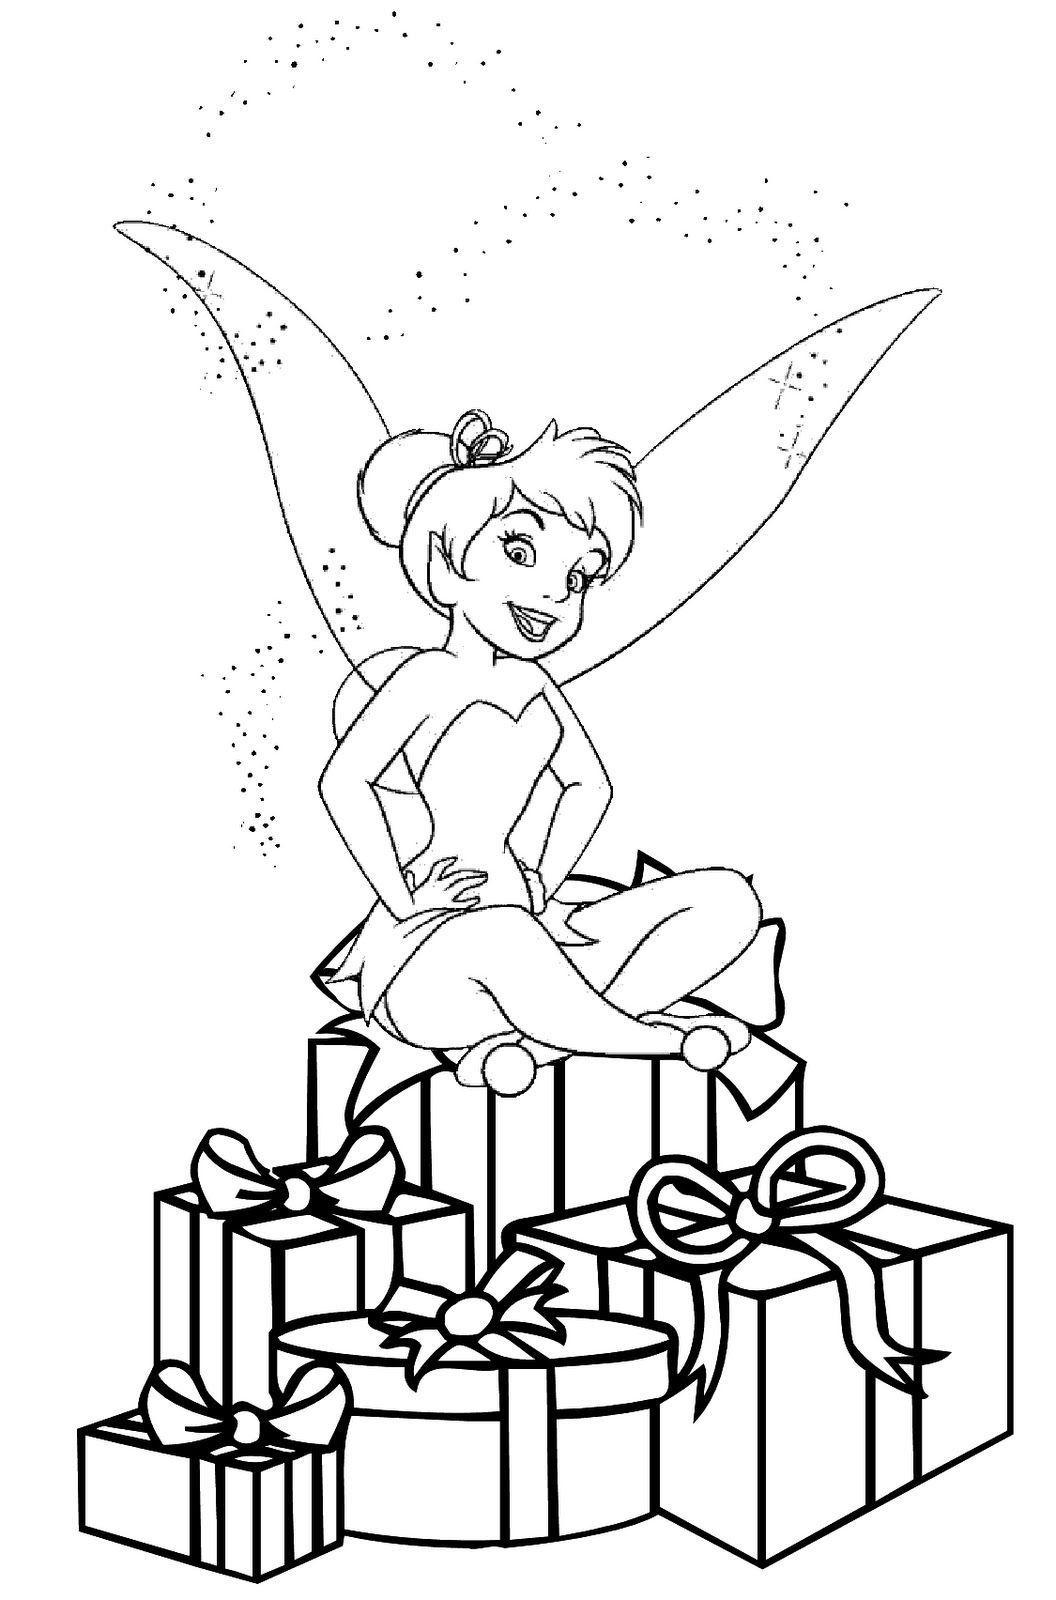 Malvorlagen Weihnachten Weihnachten Fairy Coloring Picture